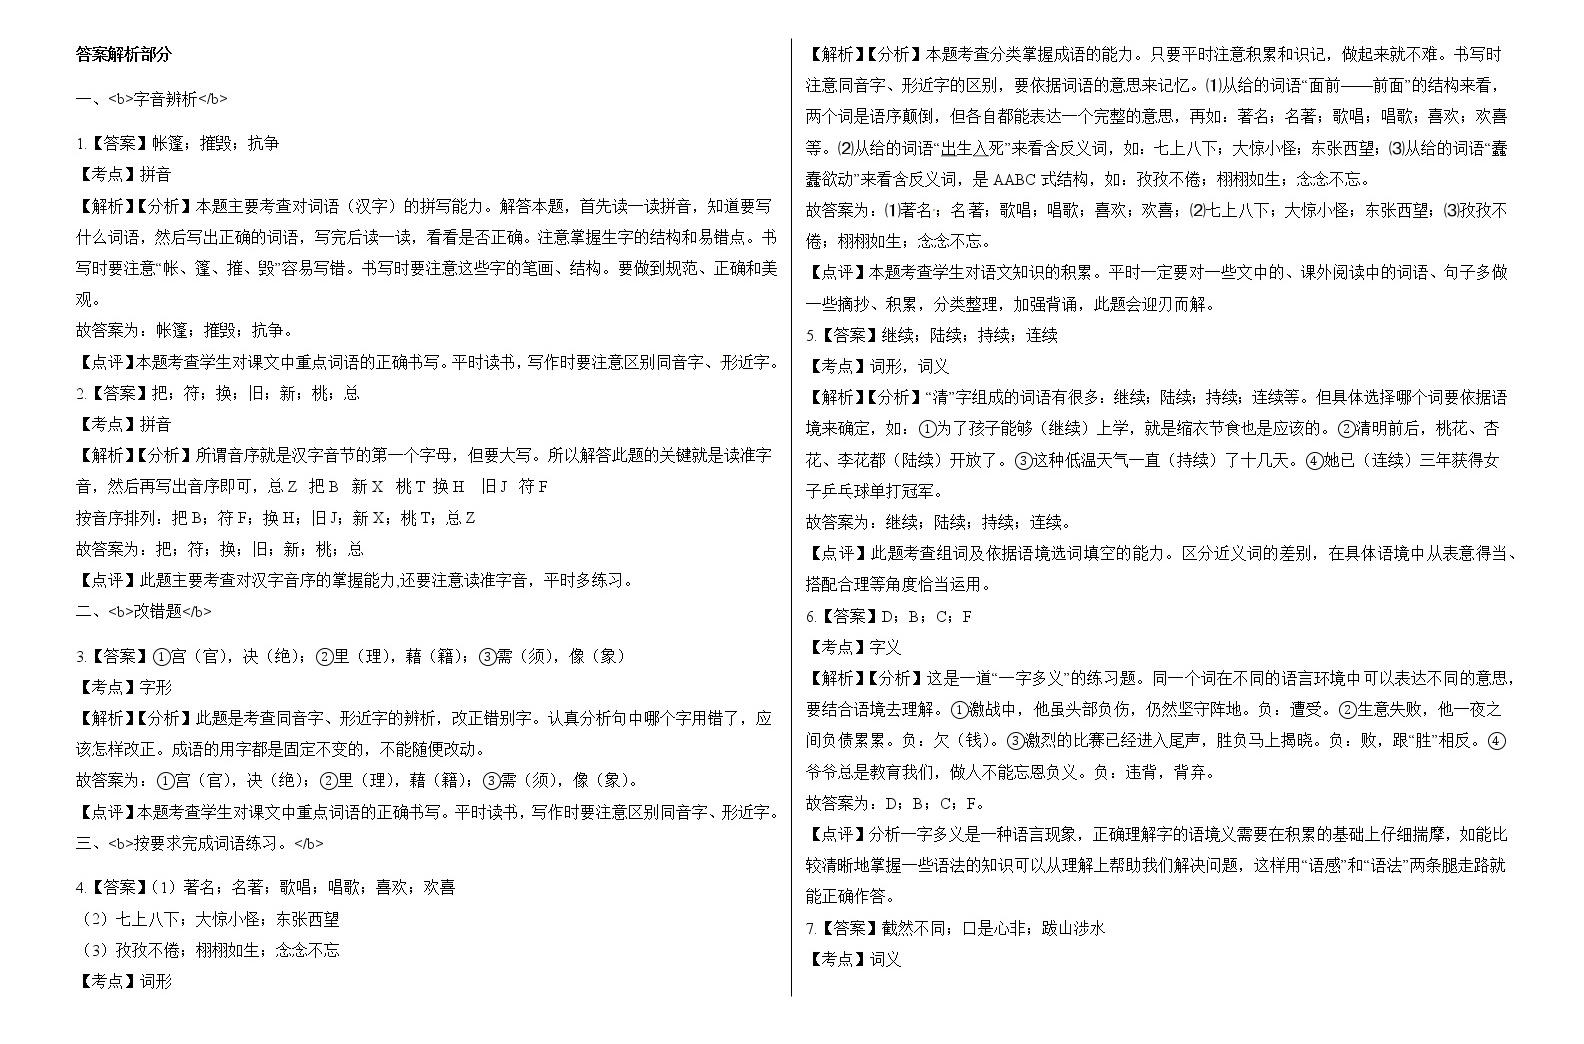 2019-2020年度六年级语文小升初全真模拟试卷 (五)(有答案)04